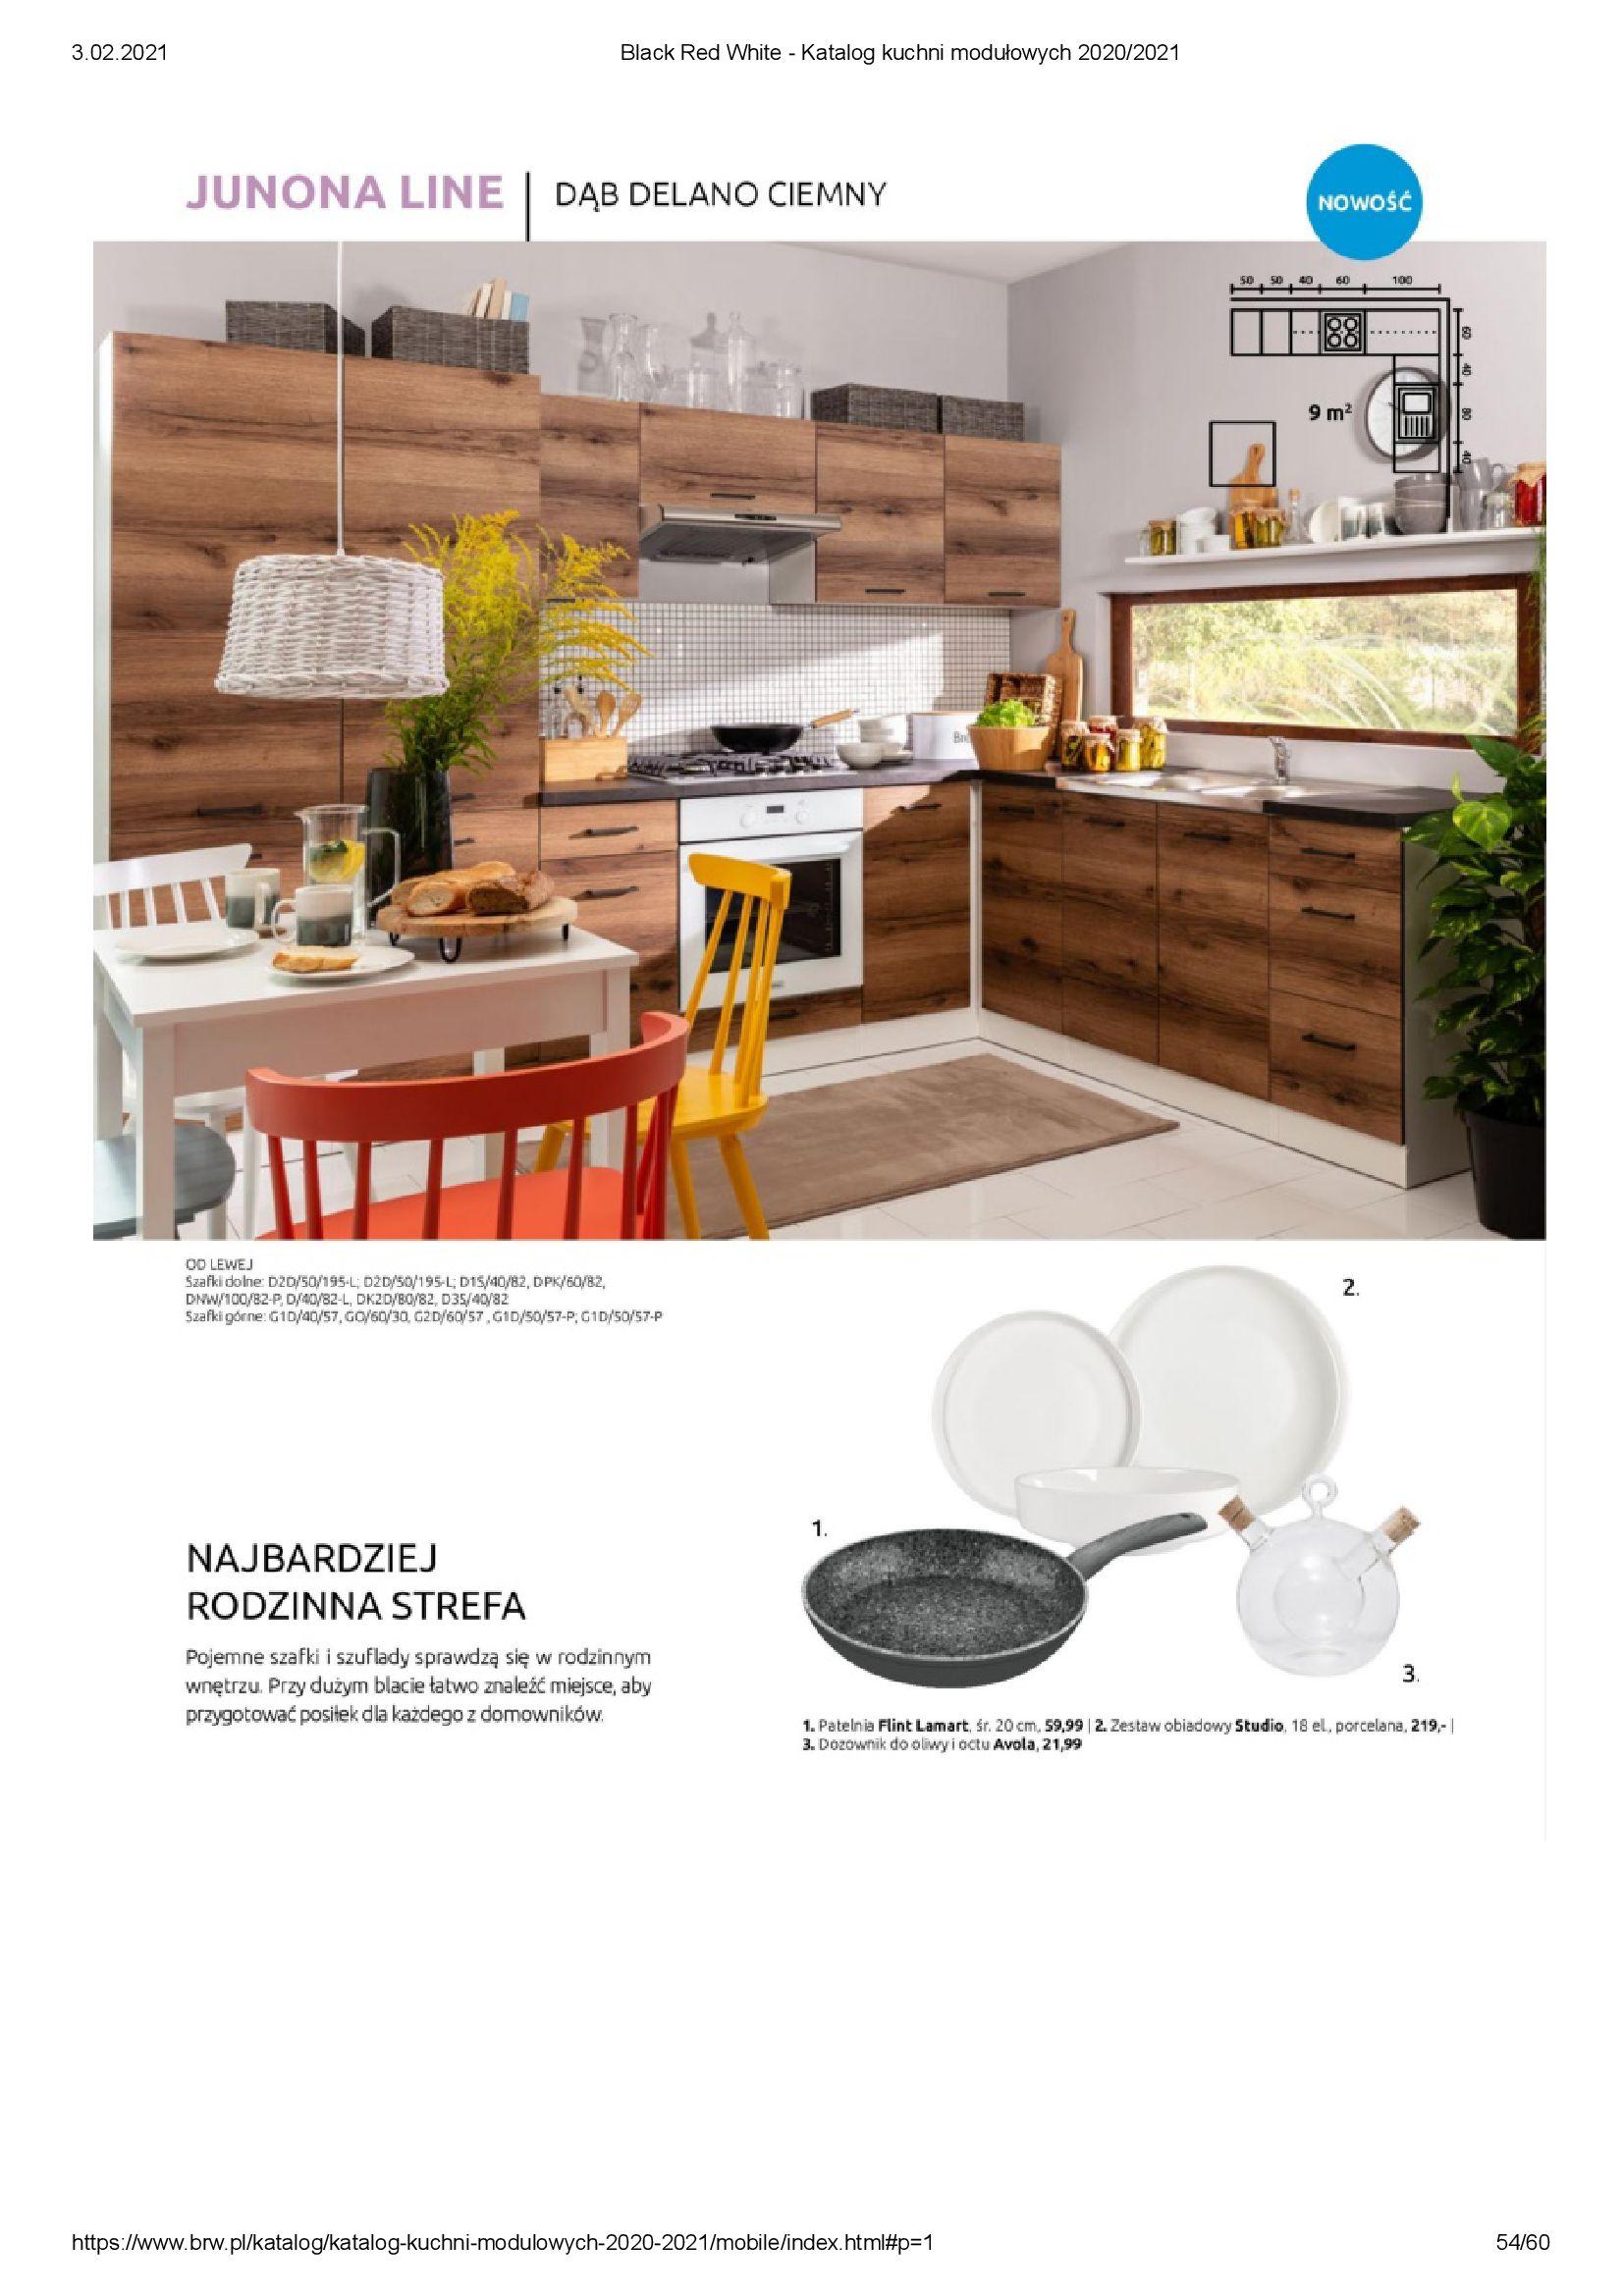 Gazetka Black Red White: Katalog - Kuchnie modułowe 2020/2021 2021-01-01 page-54